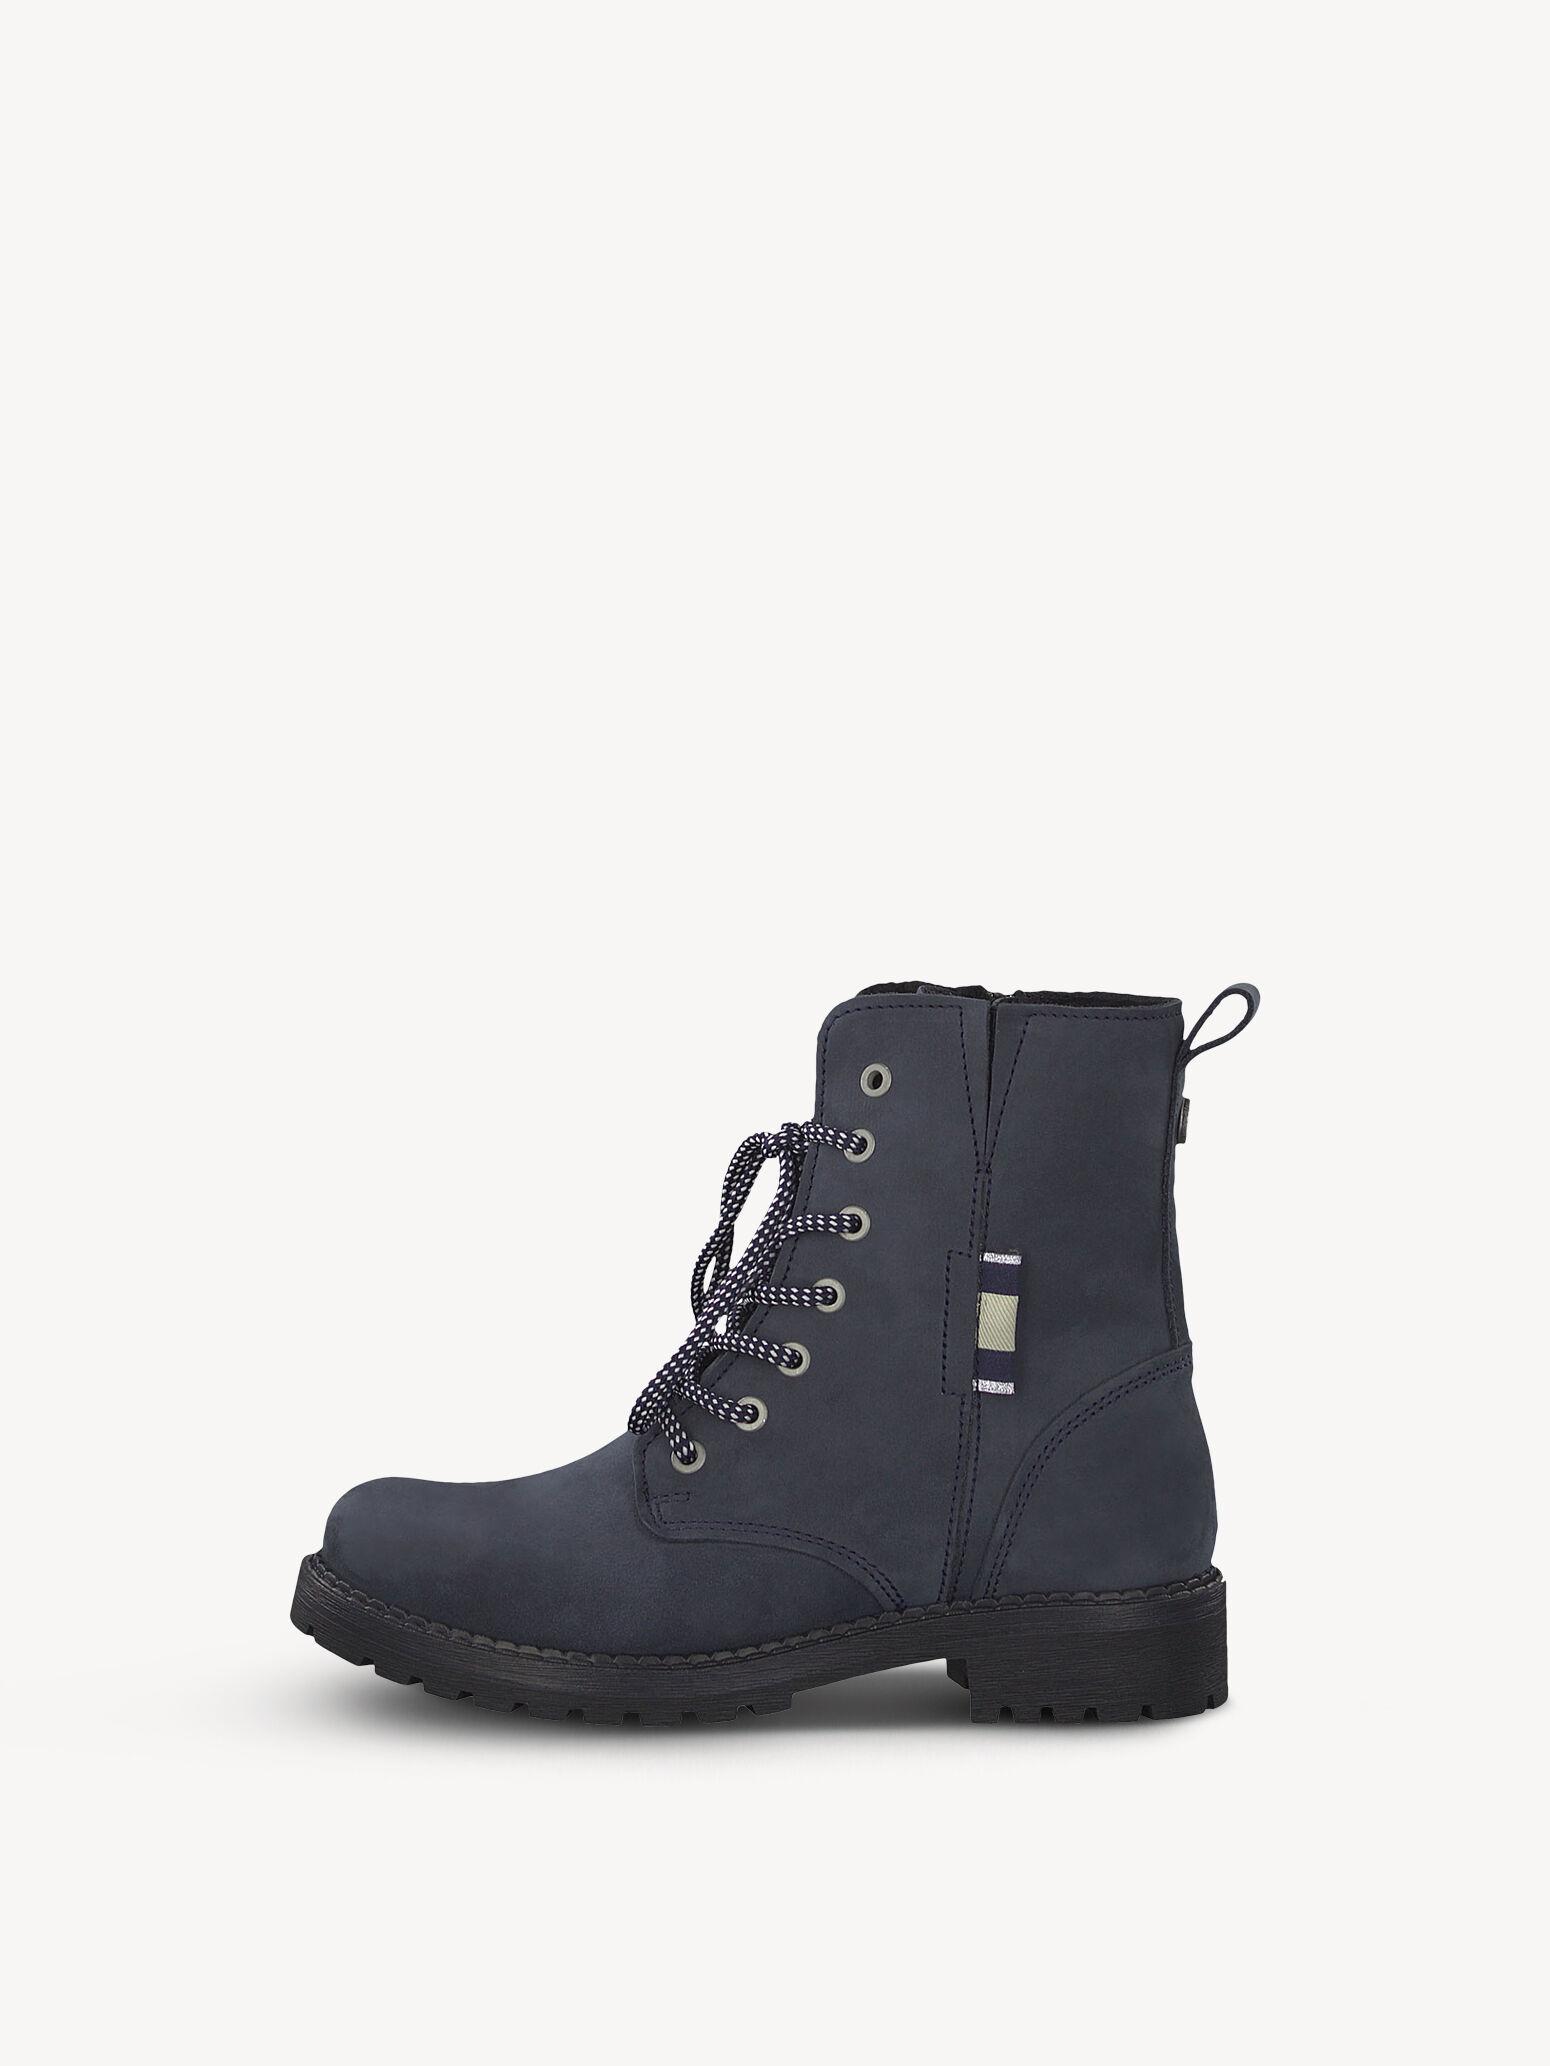 Tamaris Stiefelette Blau Damen Schuhe Klassisch UTWOGUFEI